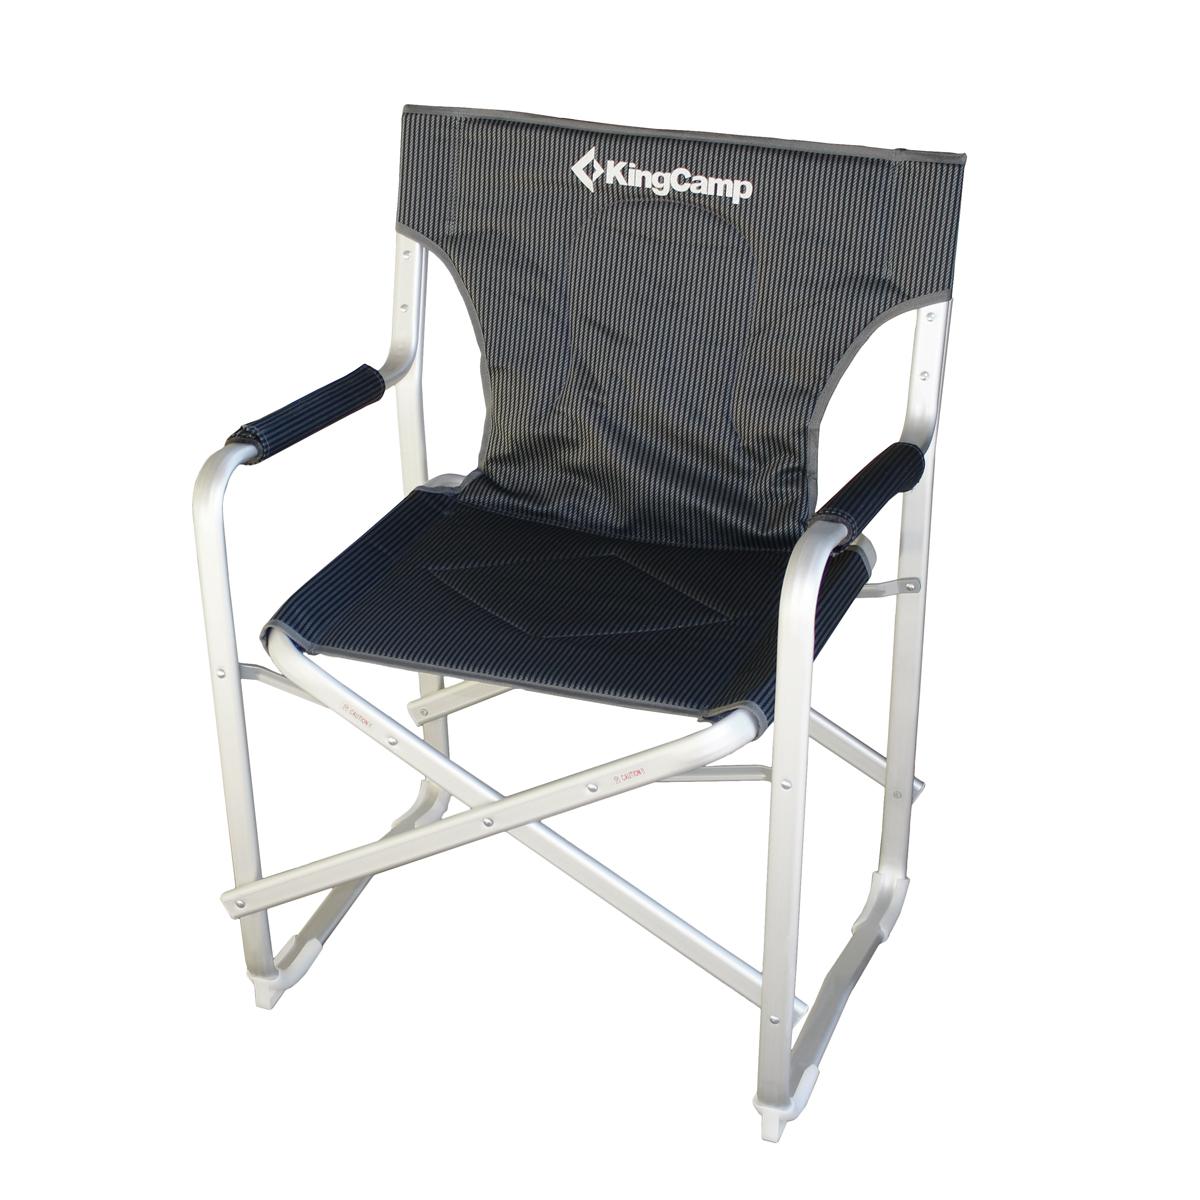 Campingová skládací židle s opěrkami Boss